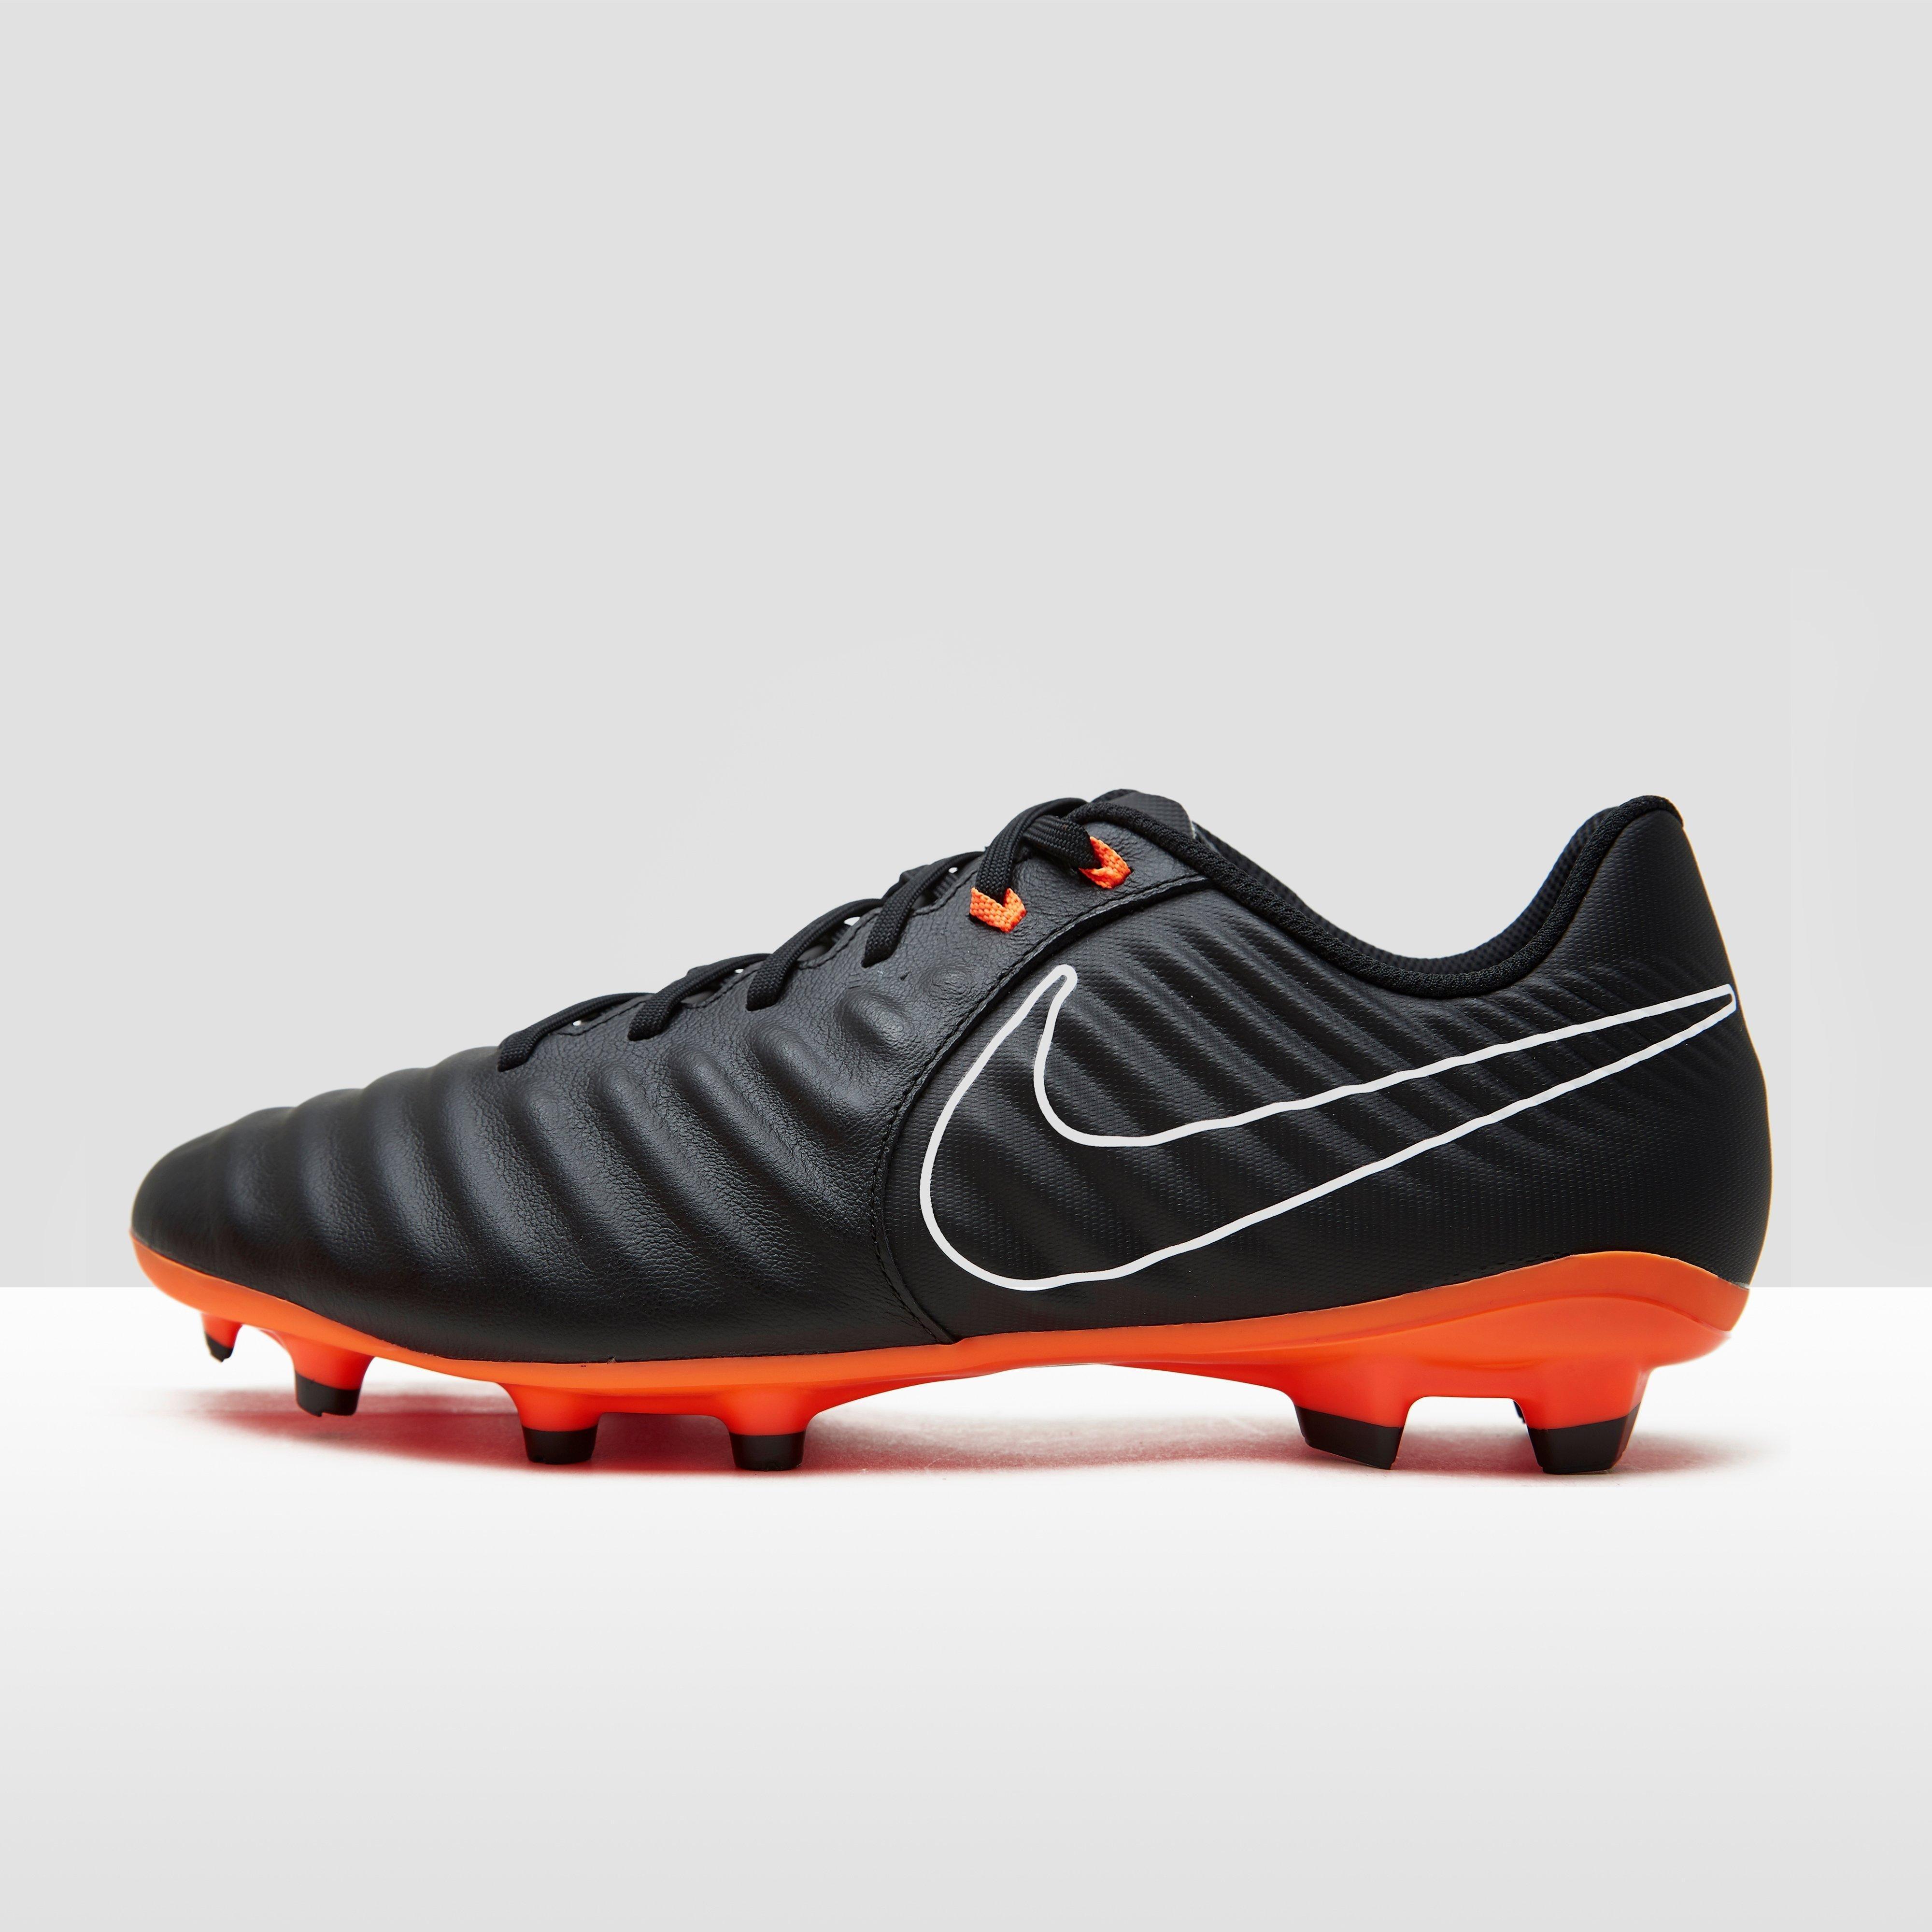 Nike - Légende Tiempo Chaussures De Football Vii Fg - Femmes - Chaussures - Noir - 41 p6gOFj